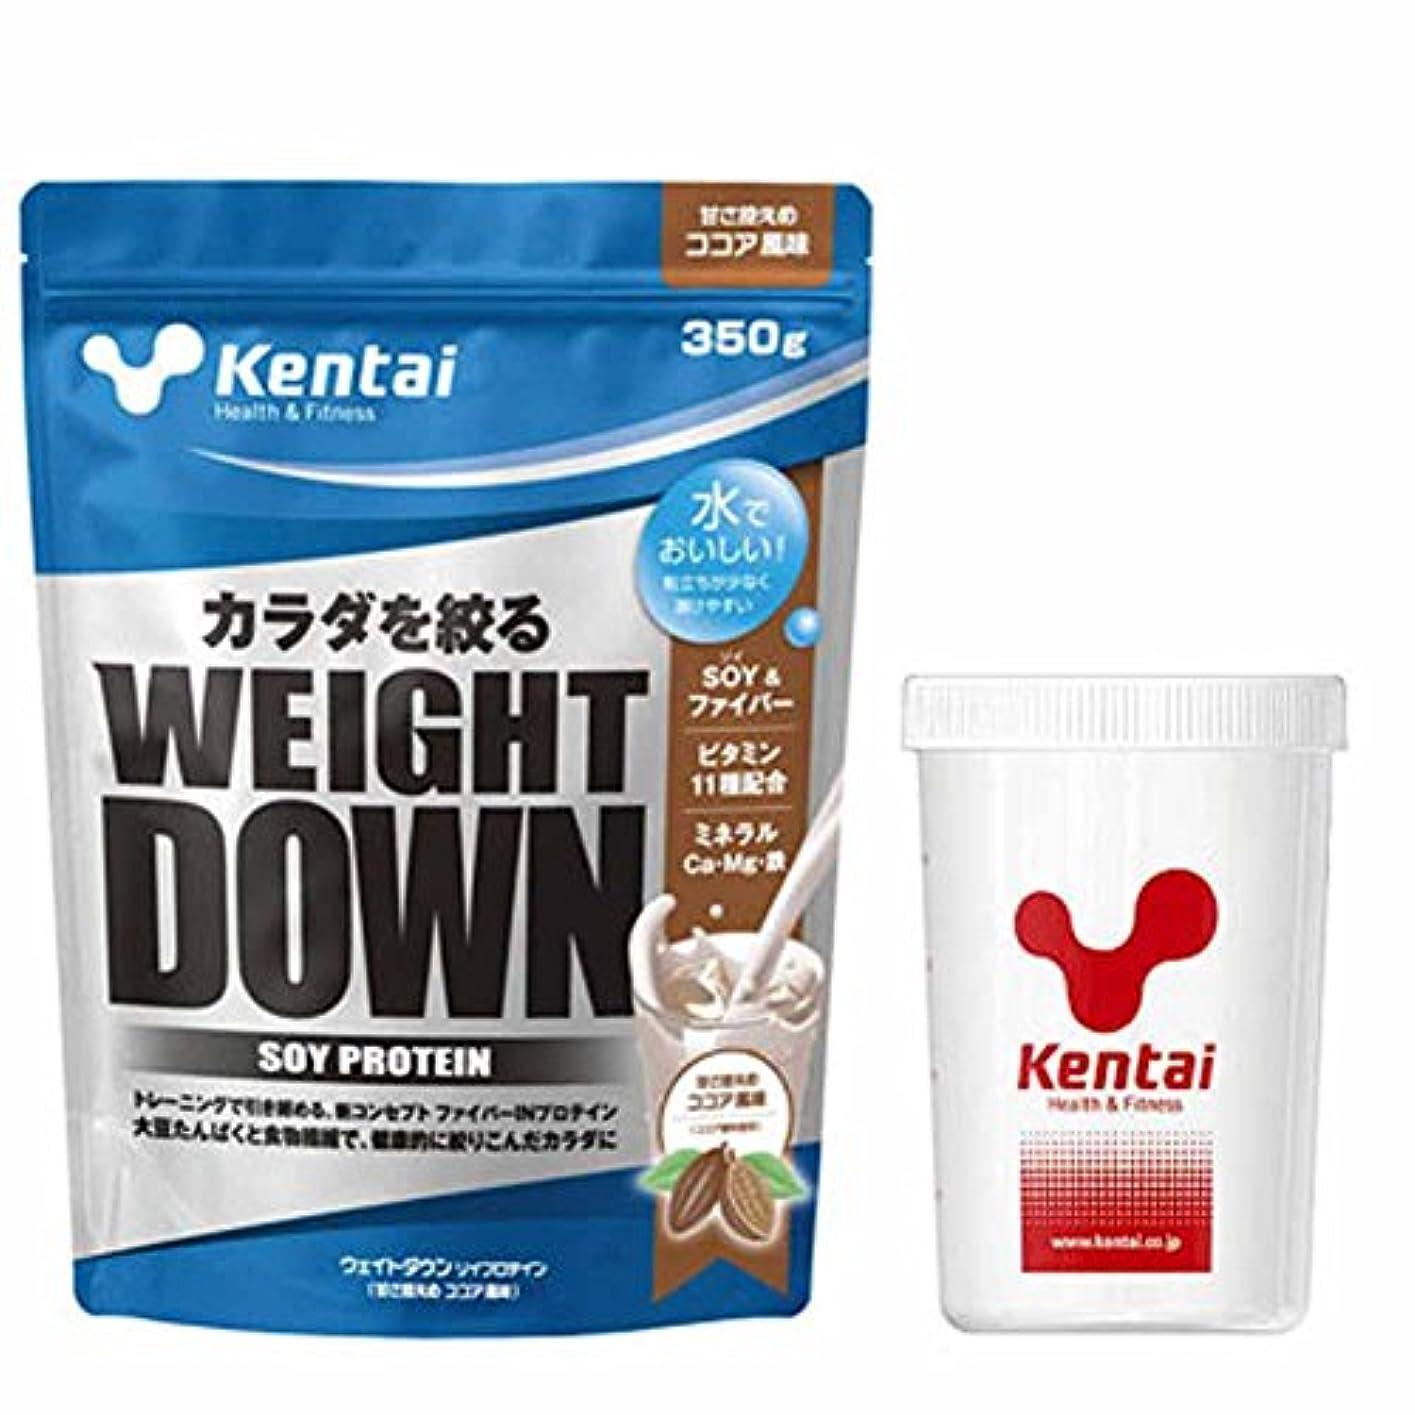 スーツ結紮違うKentai(ケンタイ) ウエイトダウンSOYプロテイン ココア風味+Kentaiプロテインシェーカーセット K1140-K005